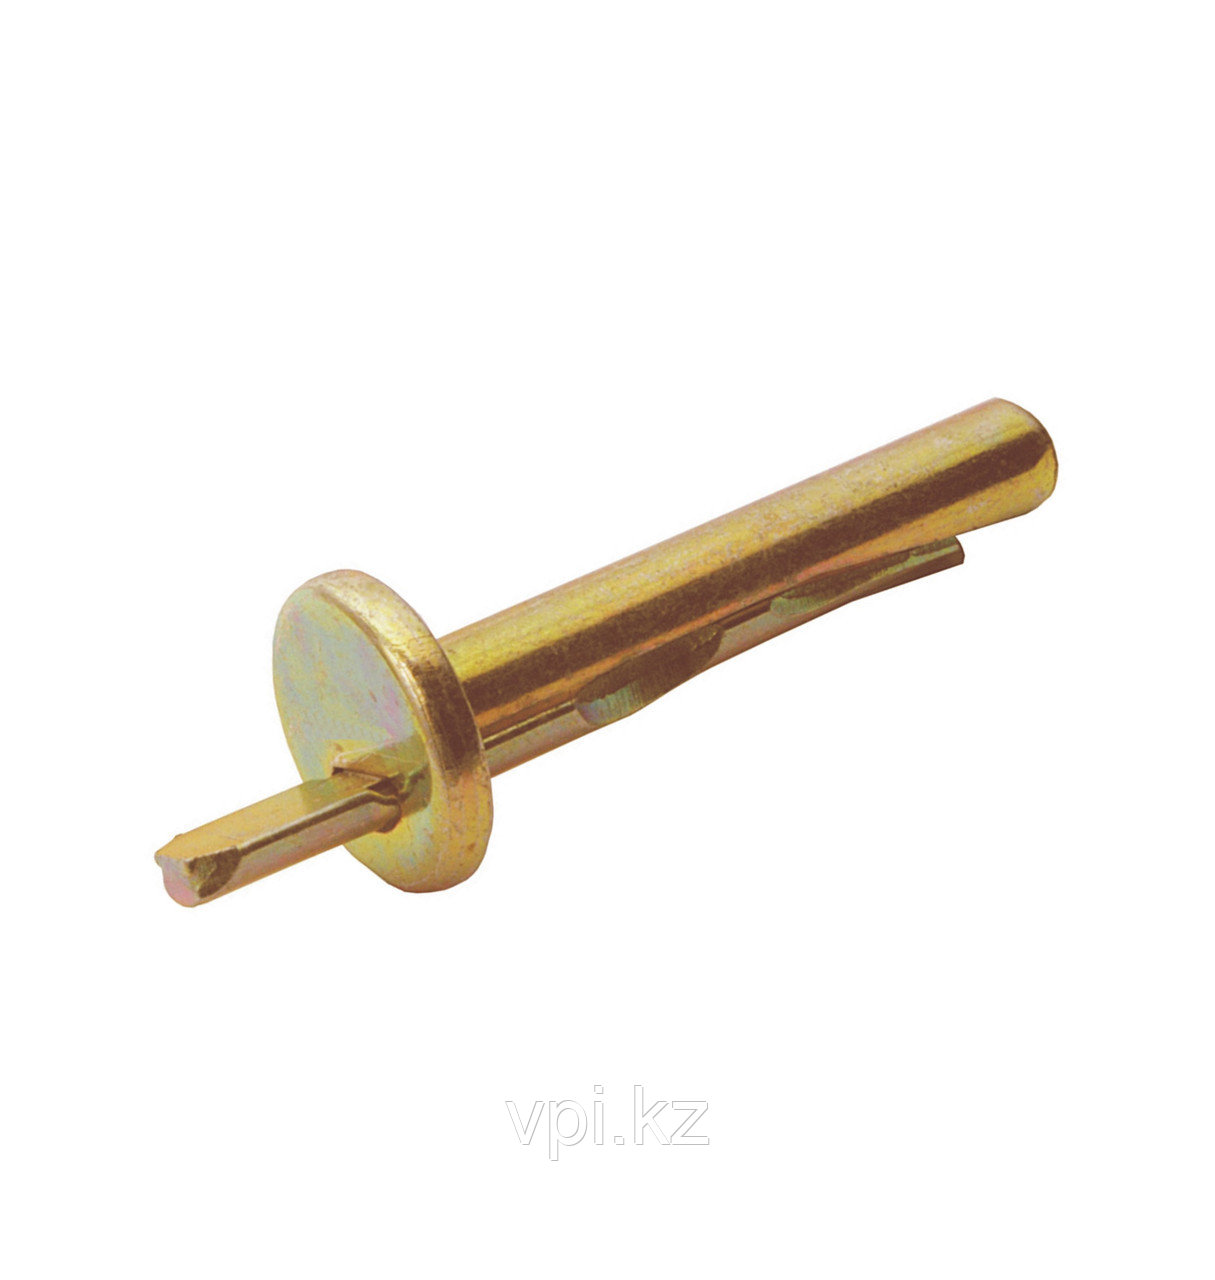 Анкер-клин, металлический 6*60мм